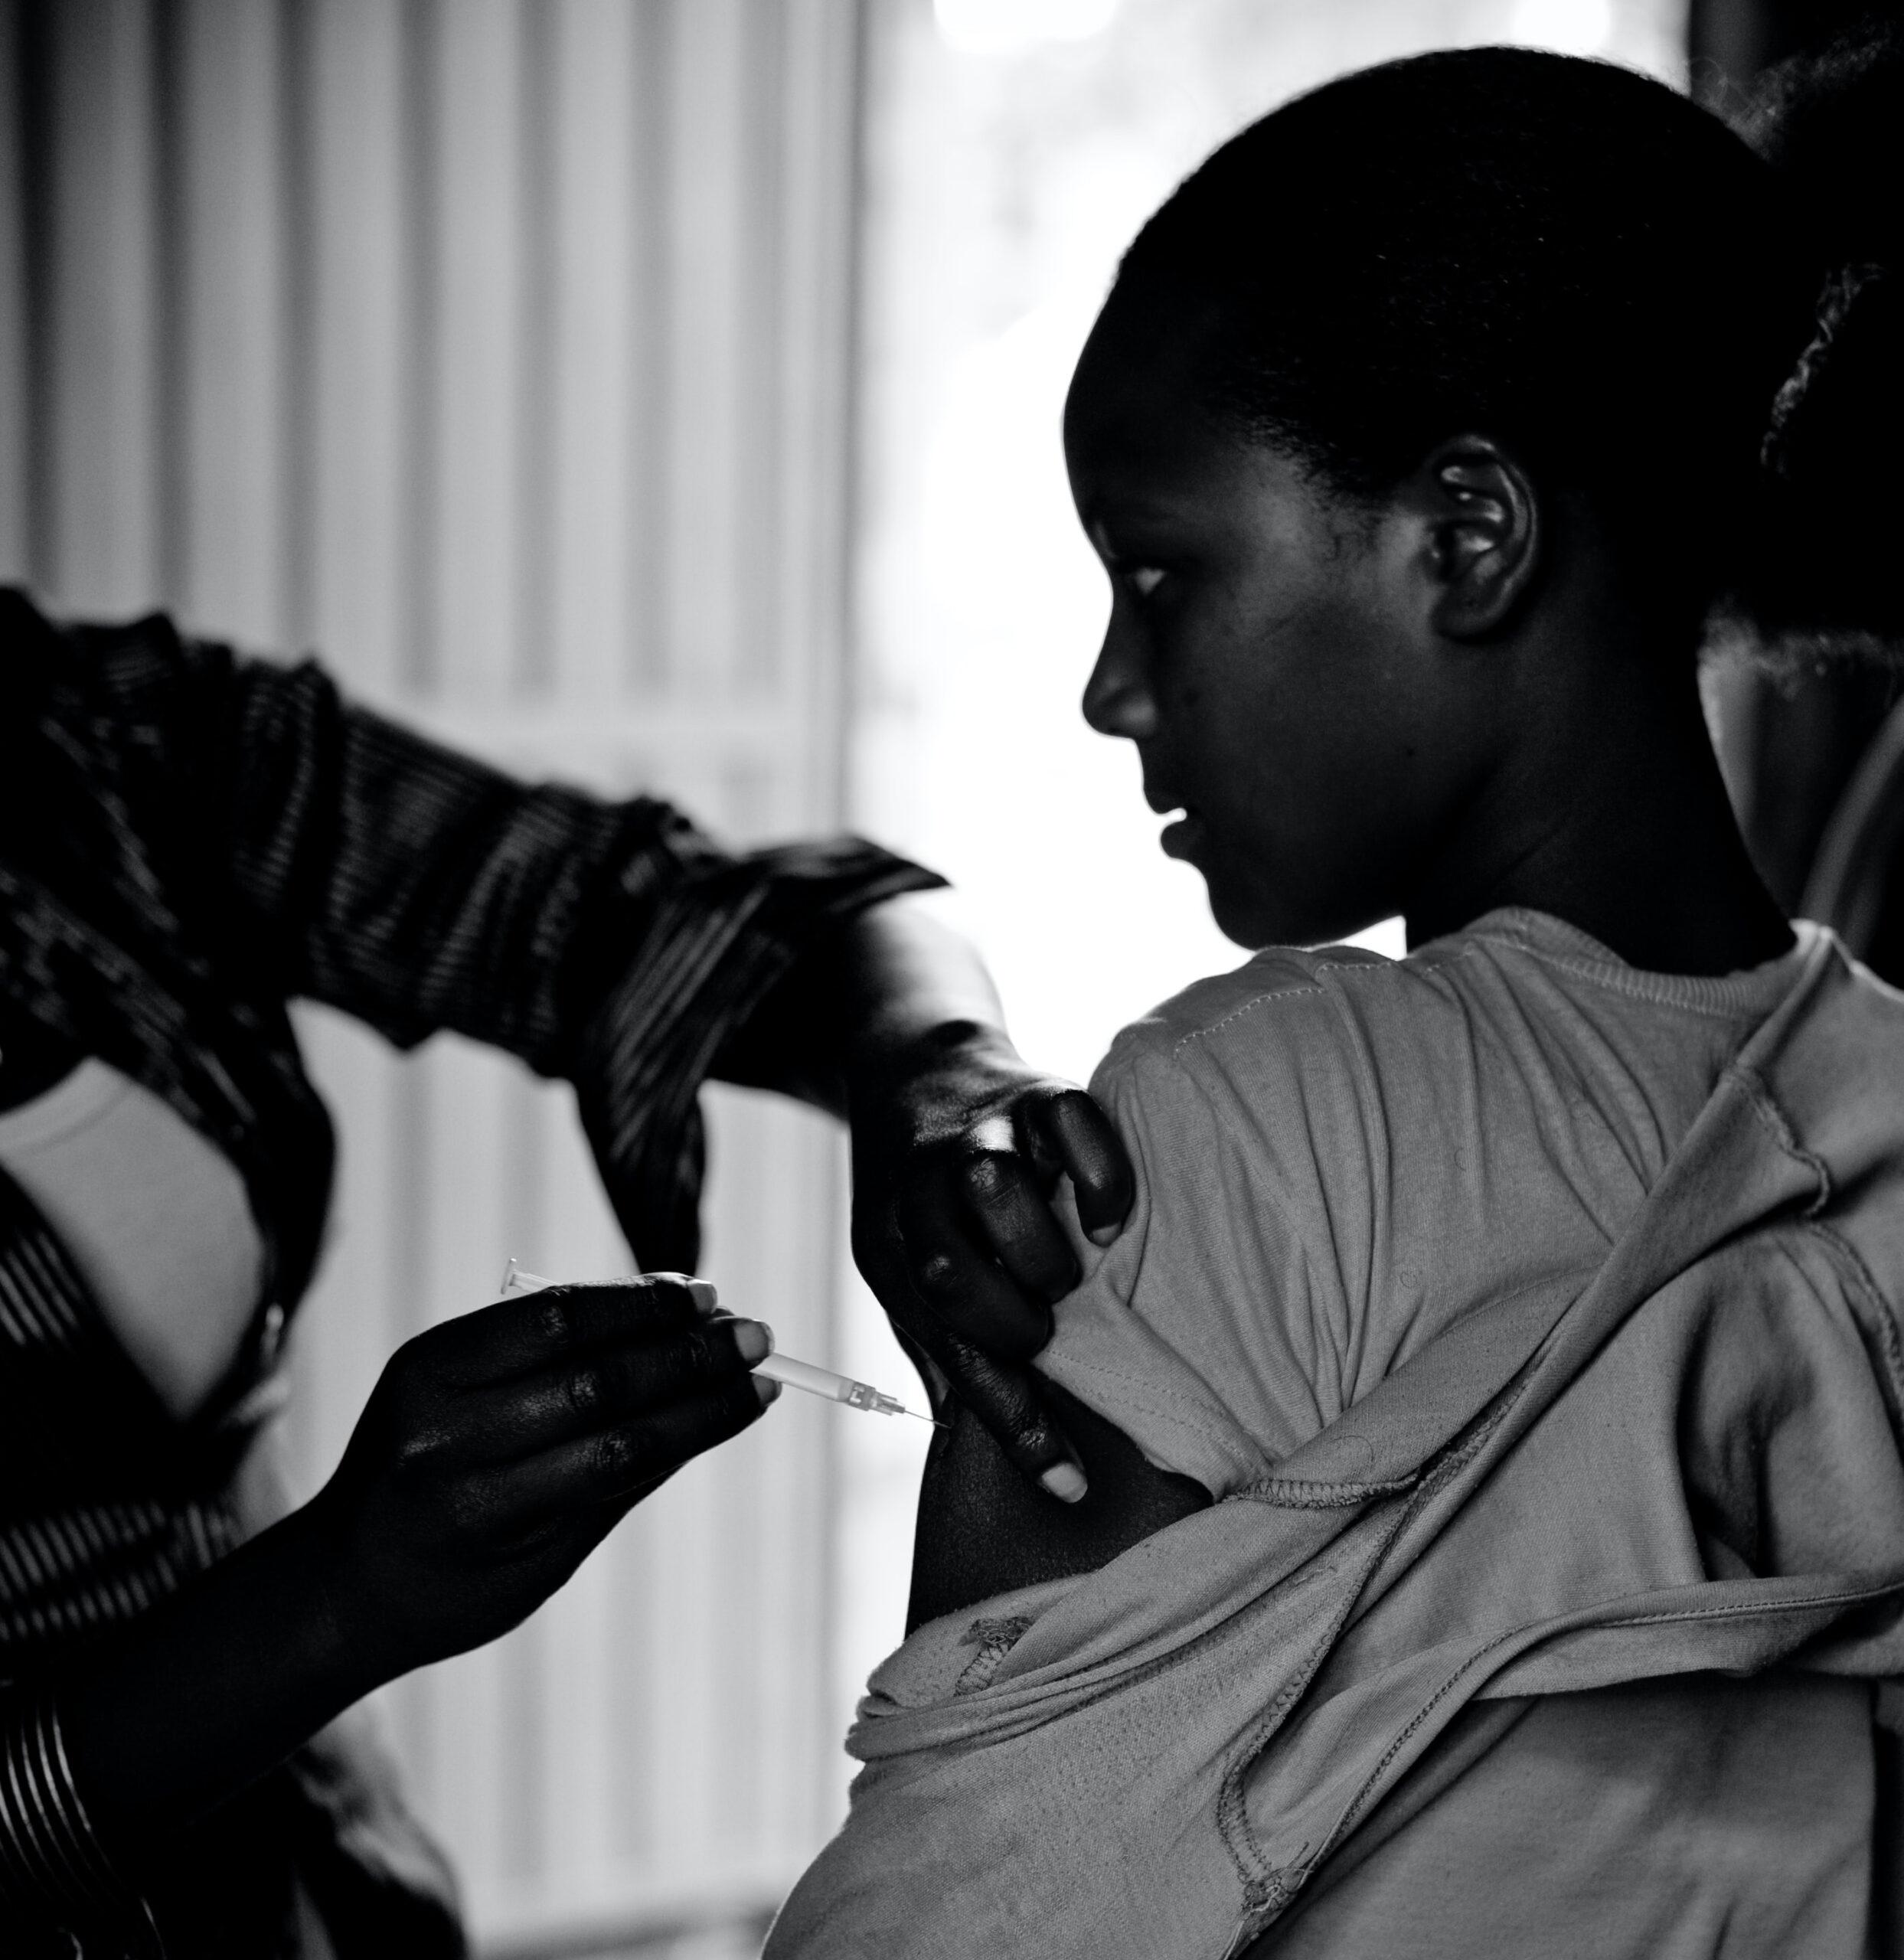 Impfung in einem Krankenhaus in Äthiopien